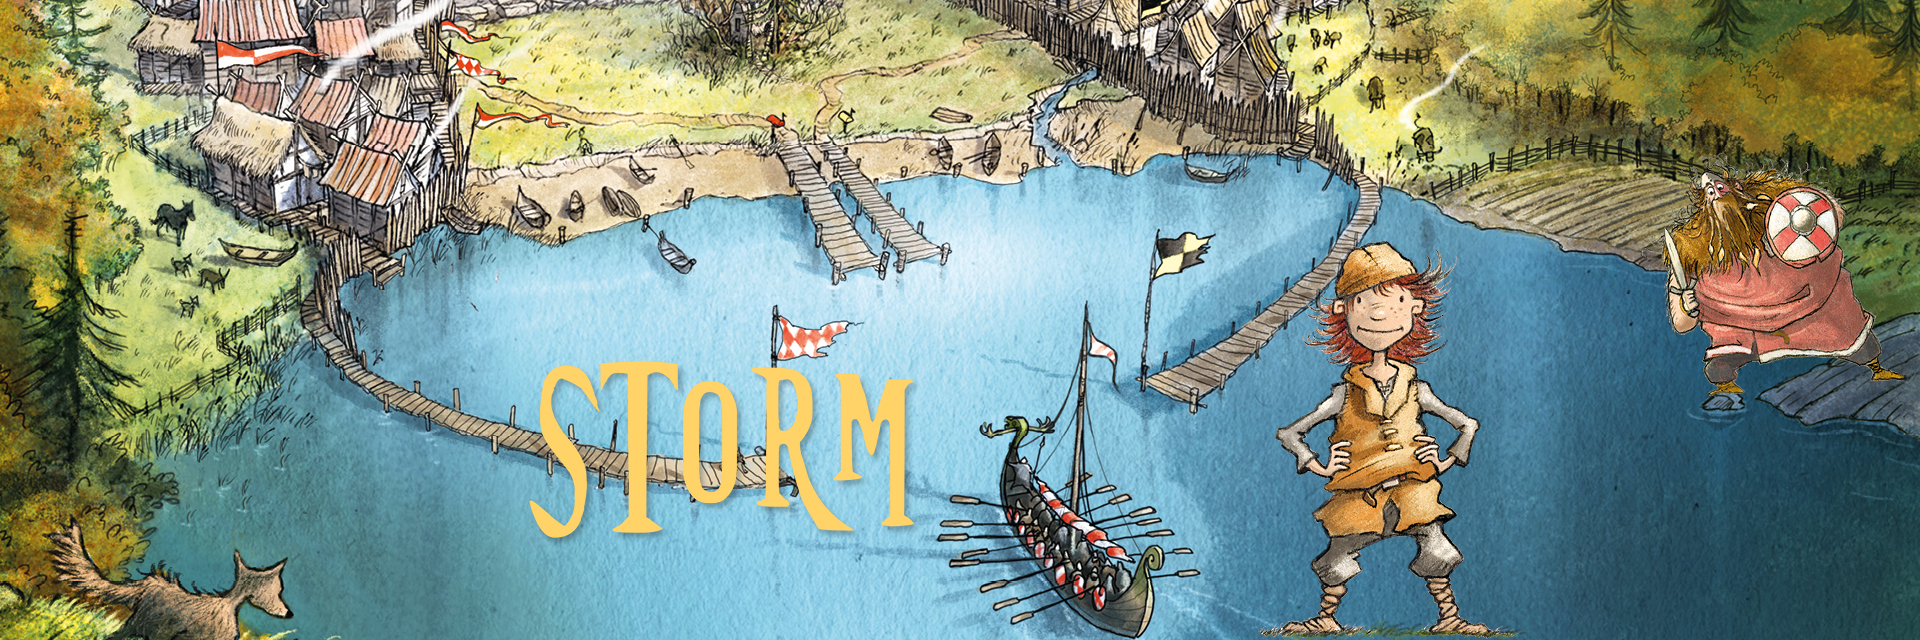 Storm - Jan Birck